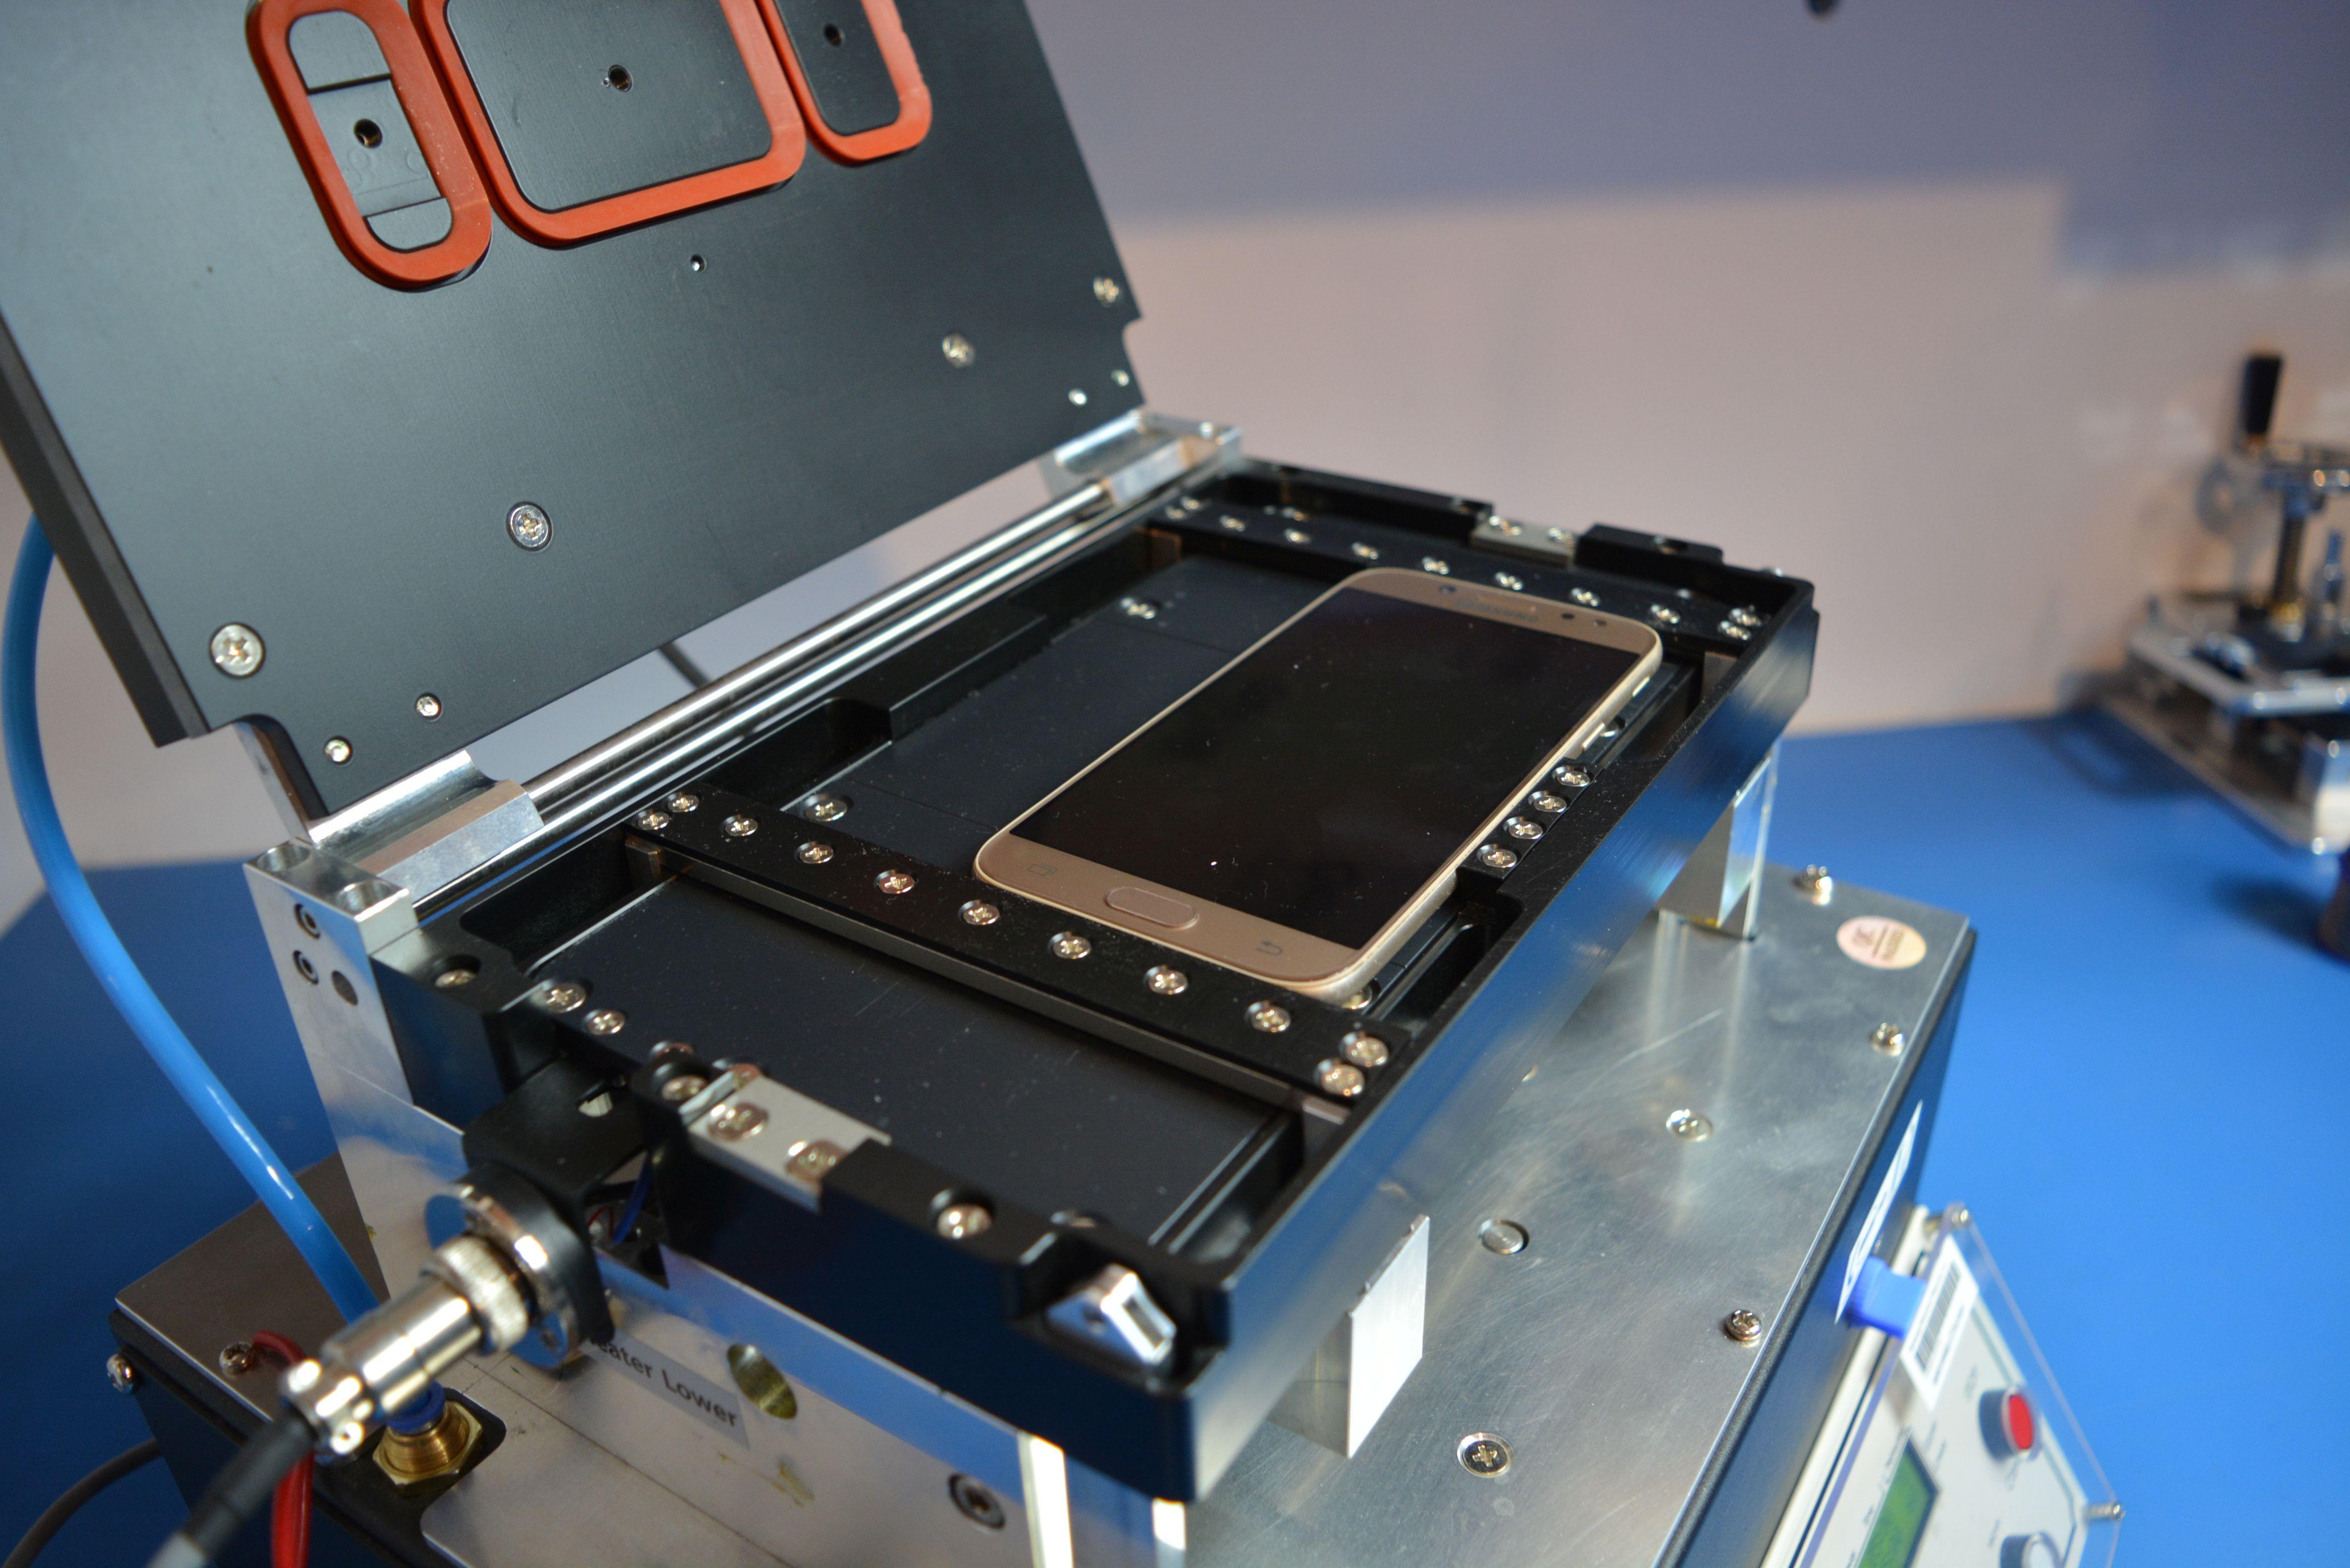 Po każdej naprawie w naszym serwisie, urządzenie przechodzi szereg testów określonych przez dział techniczny firmy Samsung. Dodatkowo w urządzeniach, które tego wymagają wykonywane są testy szczelności. Wszystkie te czynności gwarantują najwyższą jakość obsługi i eliminują w 99% prawdopodobieństwo powtórnej naprawy.